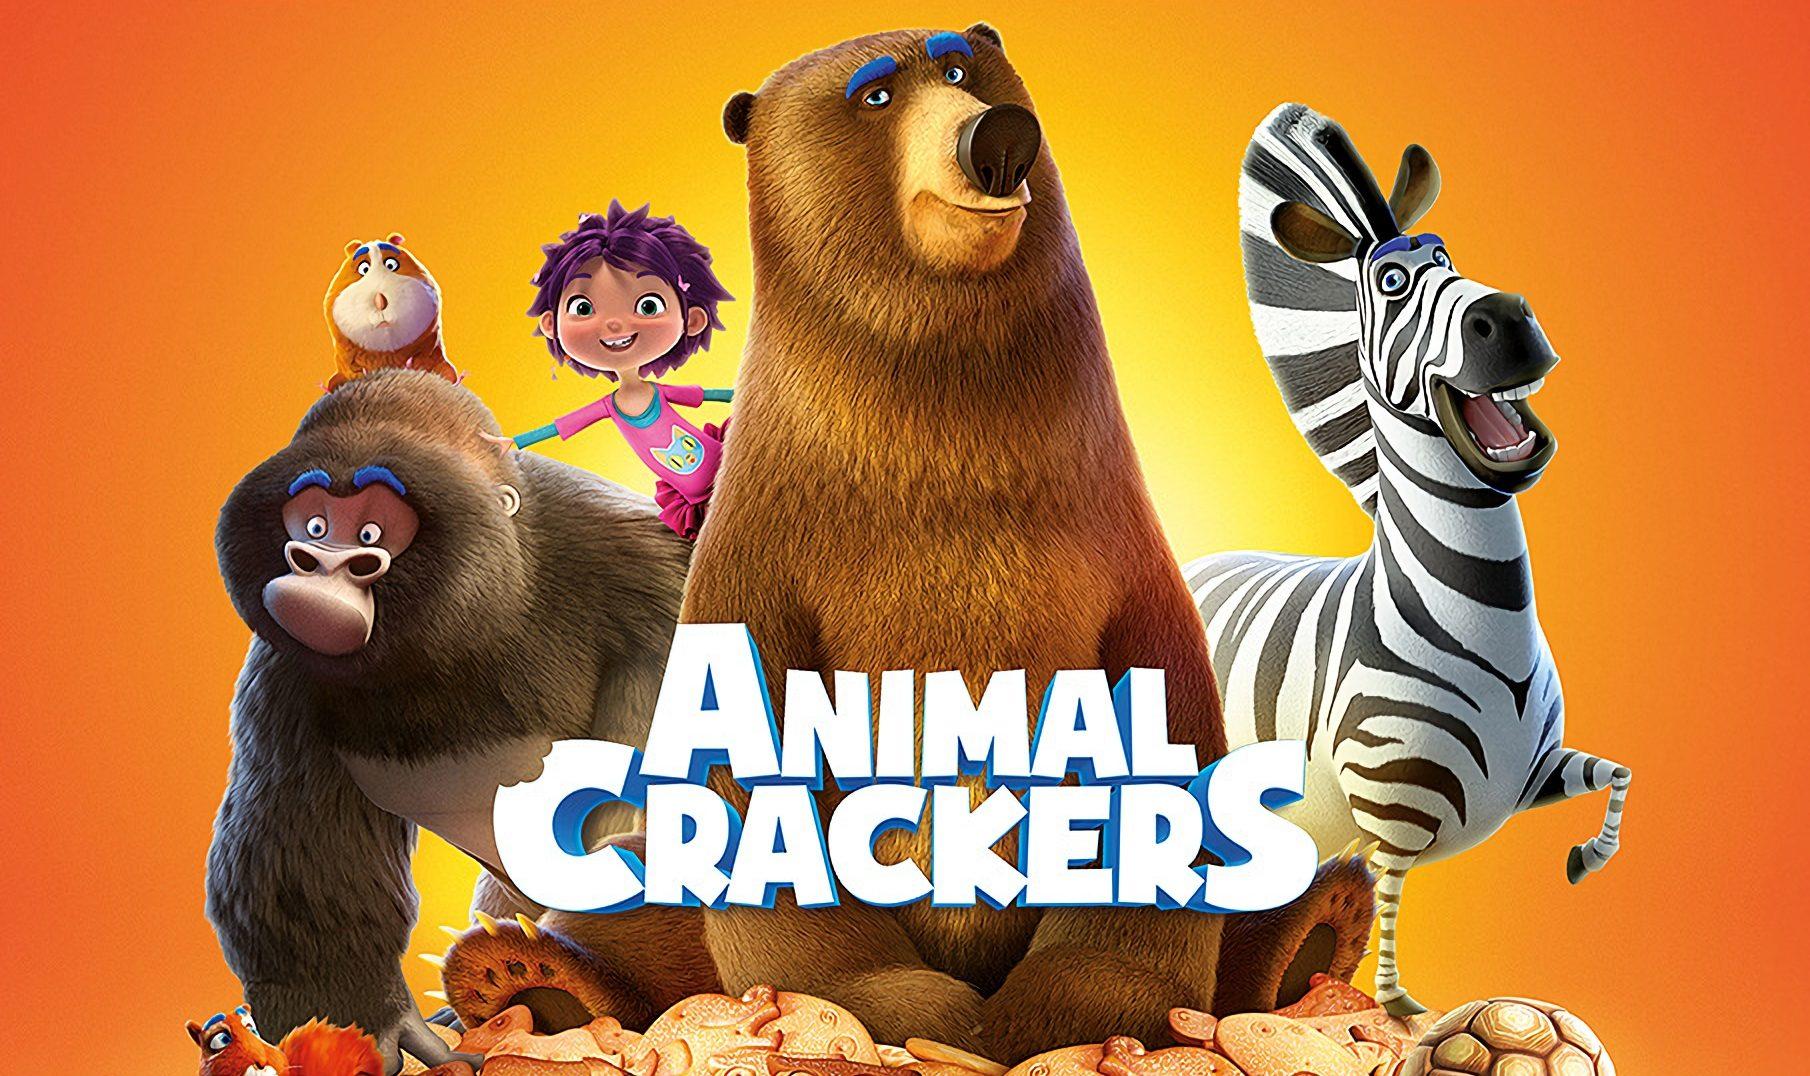 Tráiler oficial de Animal Cracker, película animada de Netflix